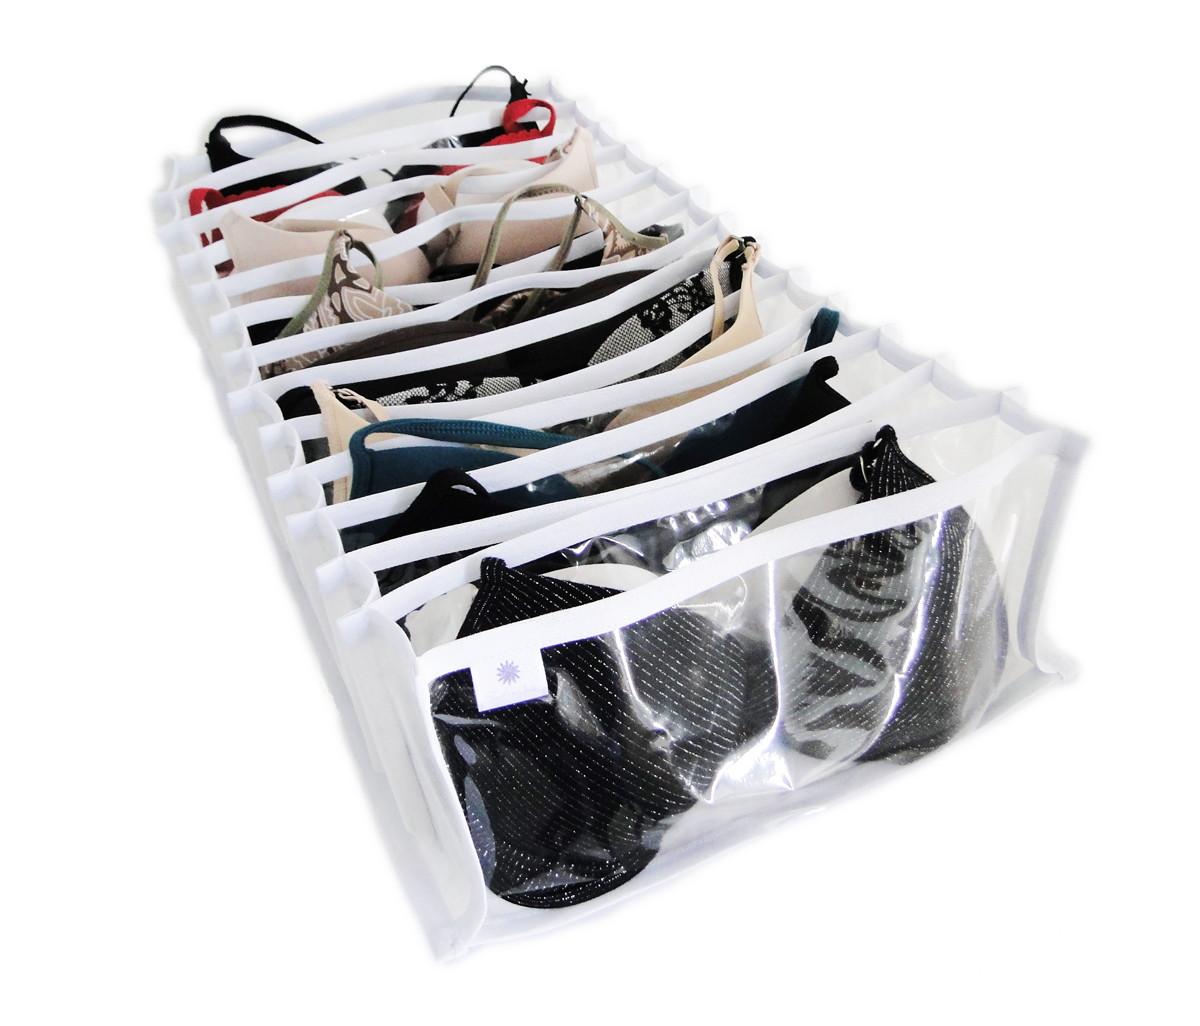 Organizador de suti s 13 div 29x13x52 fashionarts elo7 - Organizador de bolsas de plastico ...